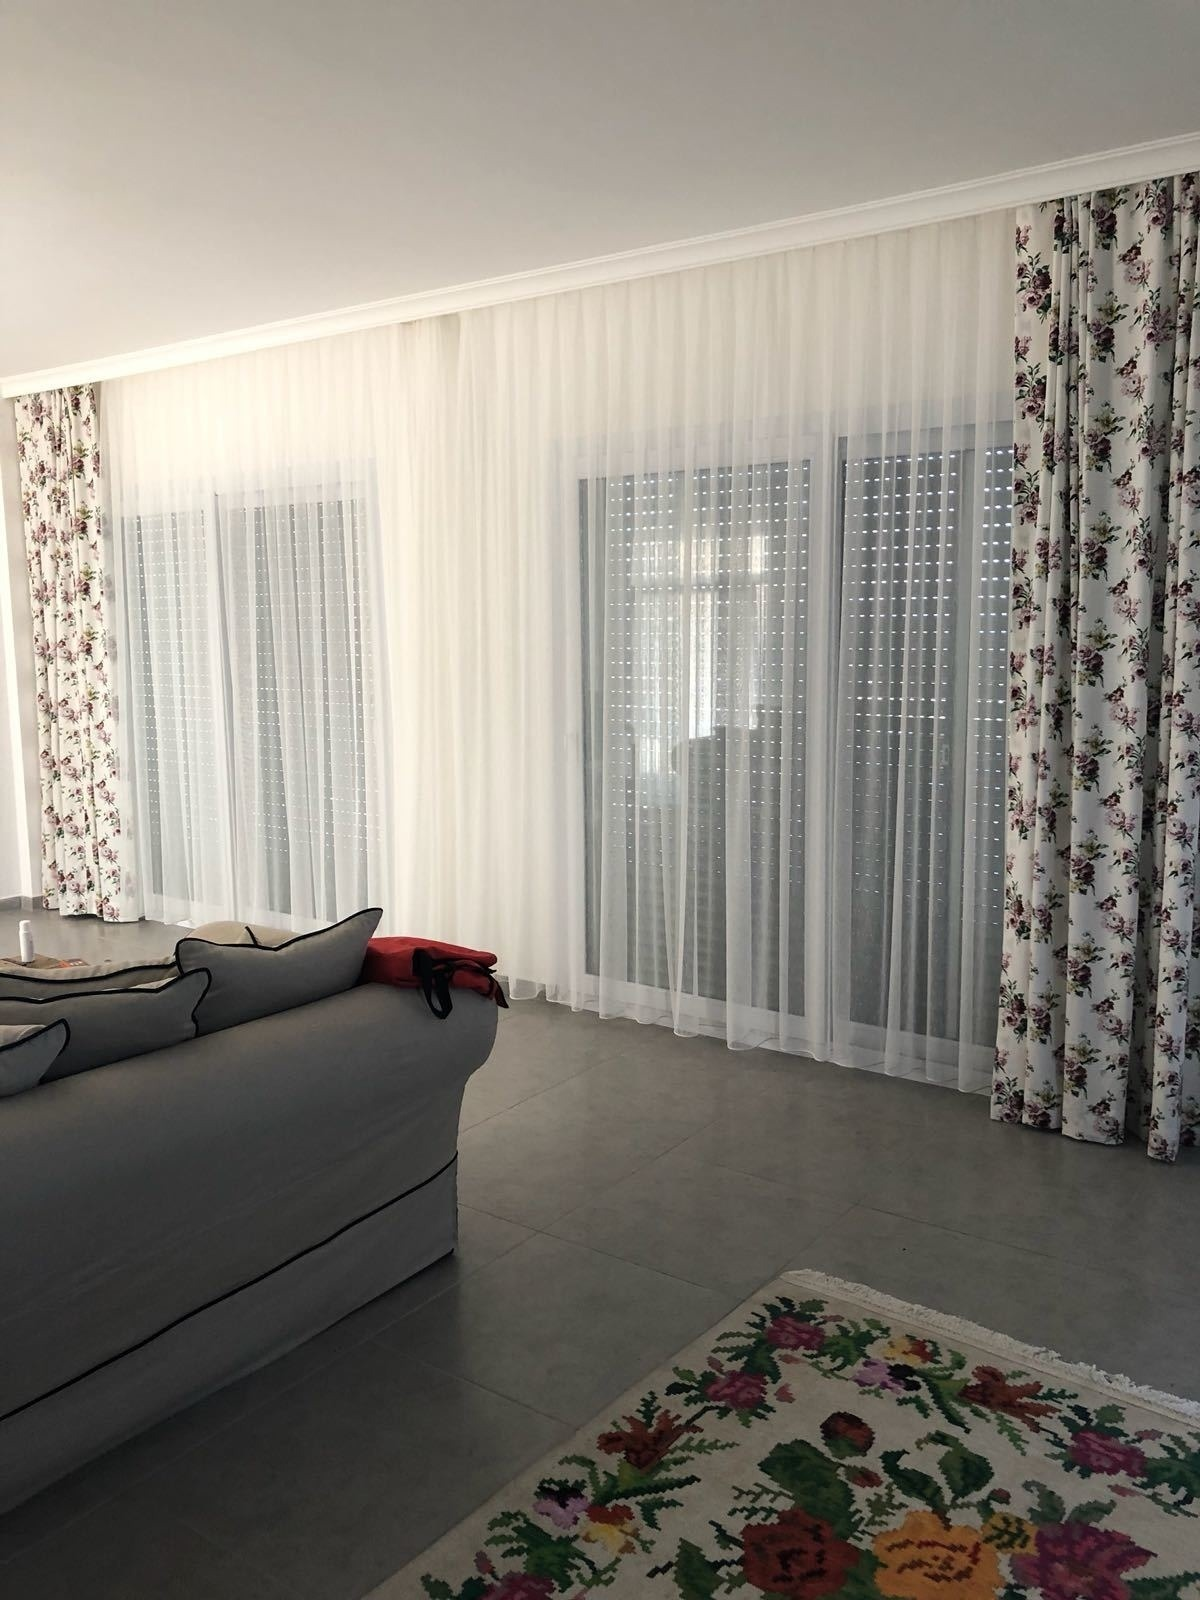 Ferienhaus Villa  Yalikavak (2688023), Bodrum, , Ägäisregion, Türkei, Bild 14